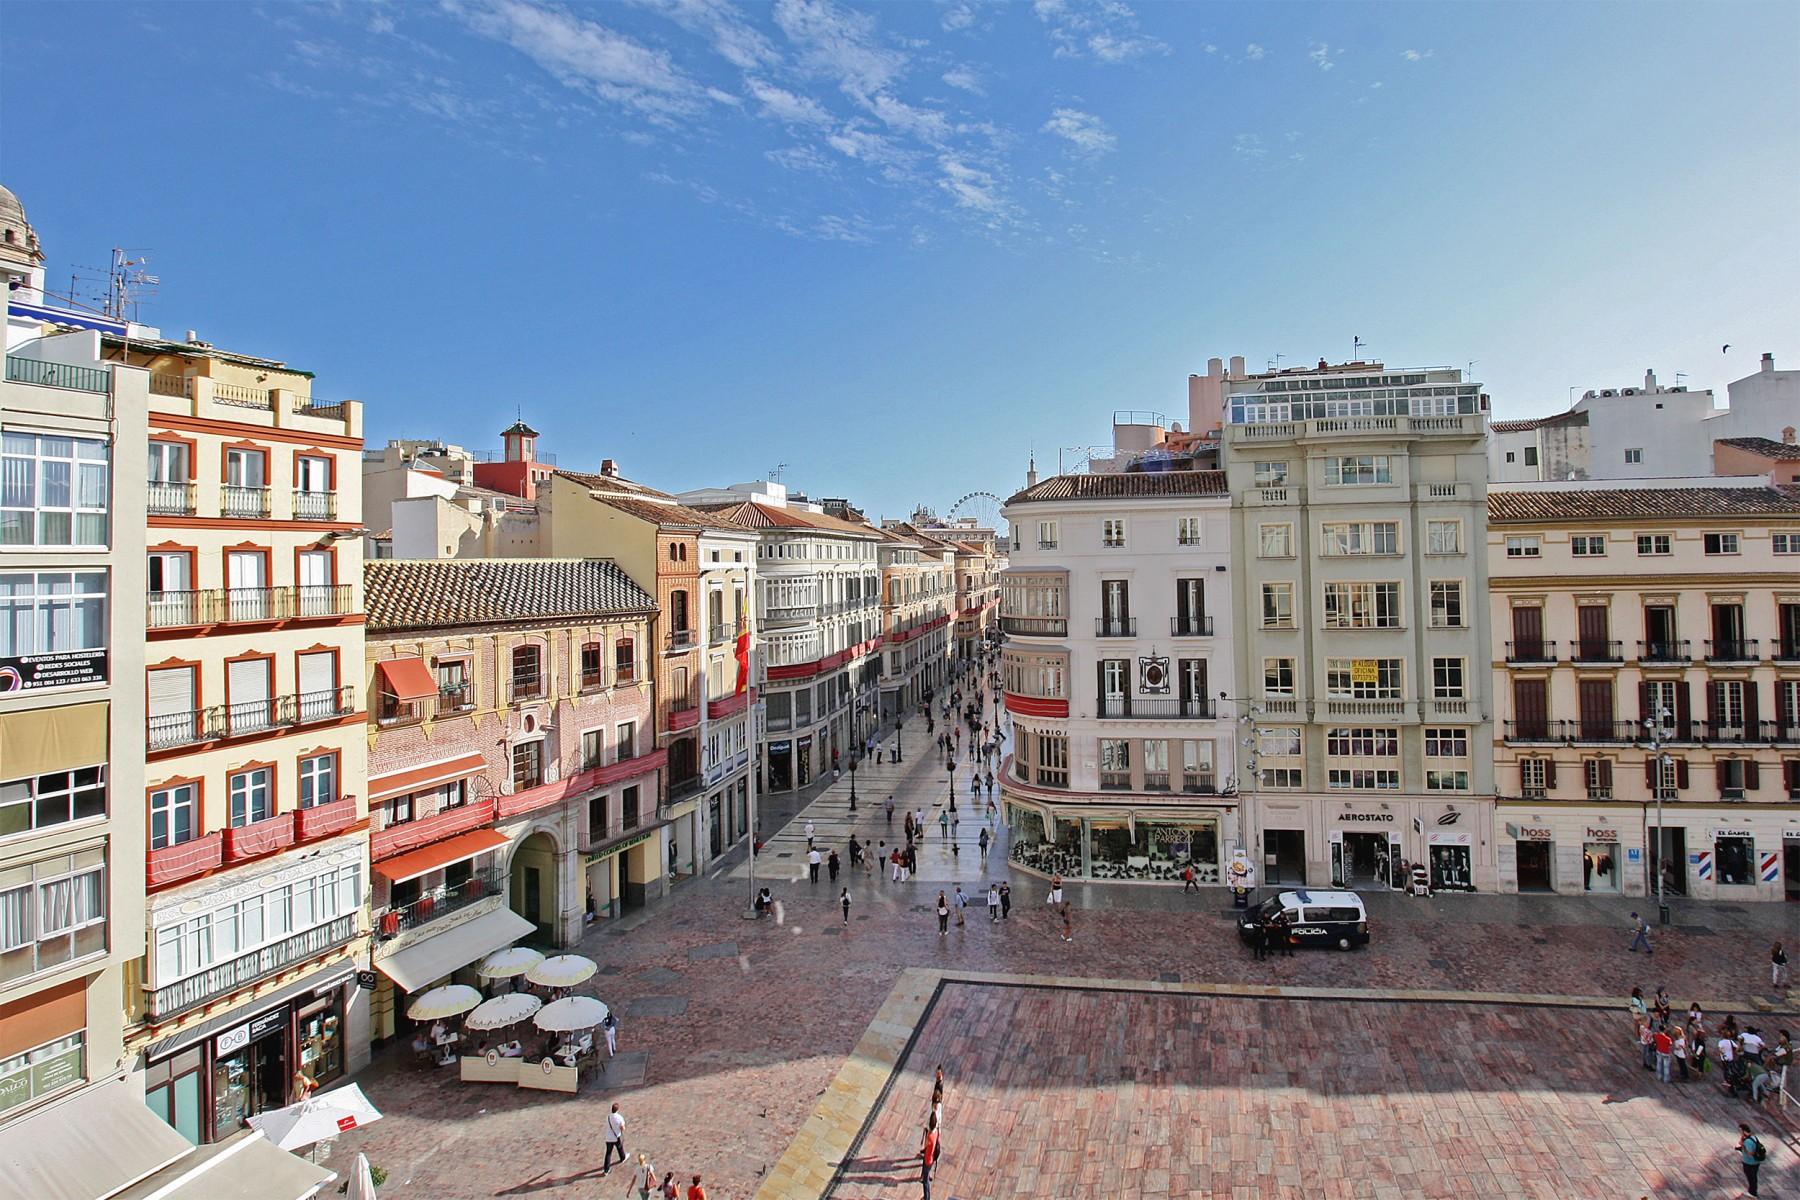 Apartamentos en m laga ciudad constituci n i for Alojamiento estancia 25m2